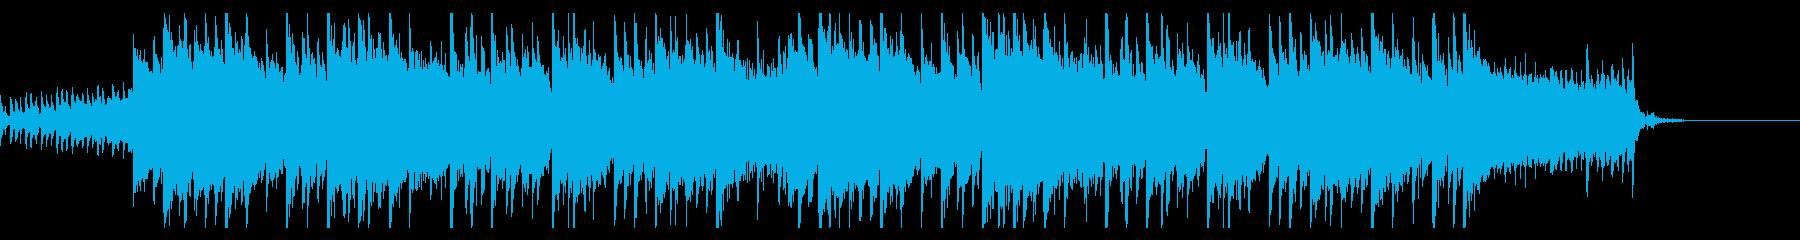 ニュース・情報番組、清涼ピアノポップスSの再生済みの波形